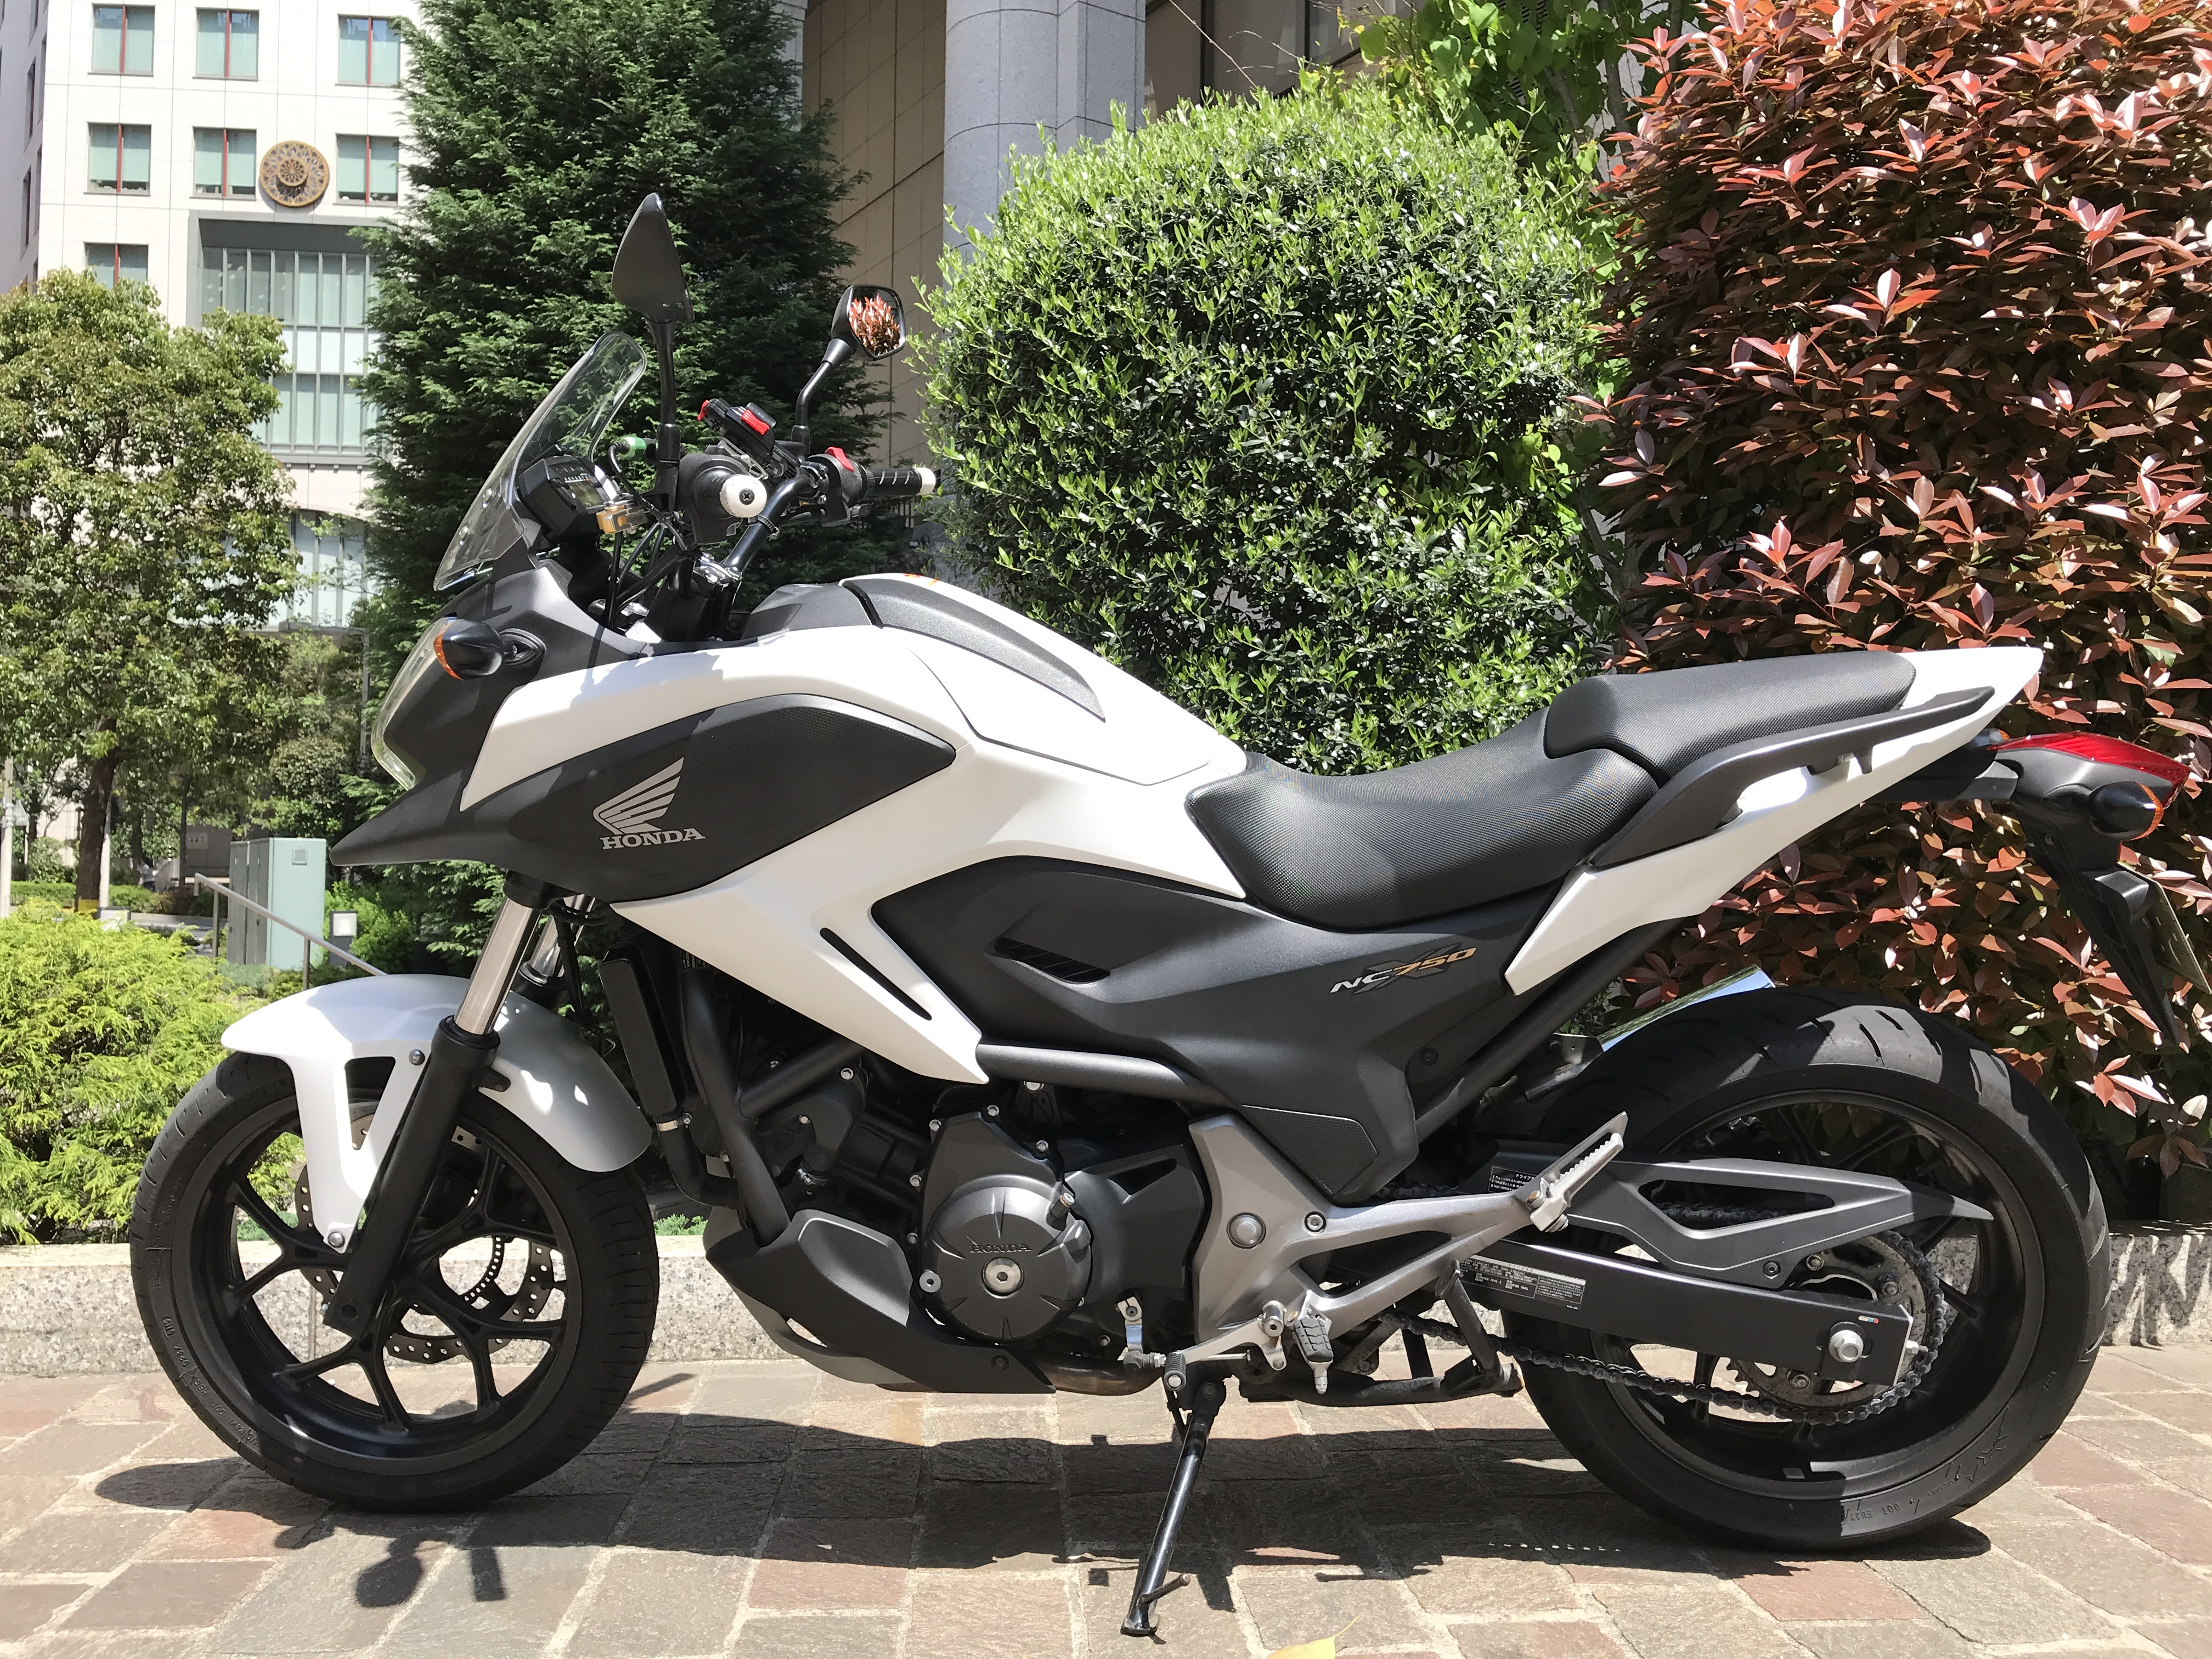 NC750X (HN-00) - 【公式】レンタルバイクのベストBike® 錦糸町駅前